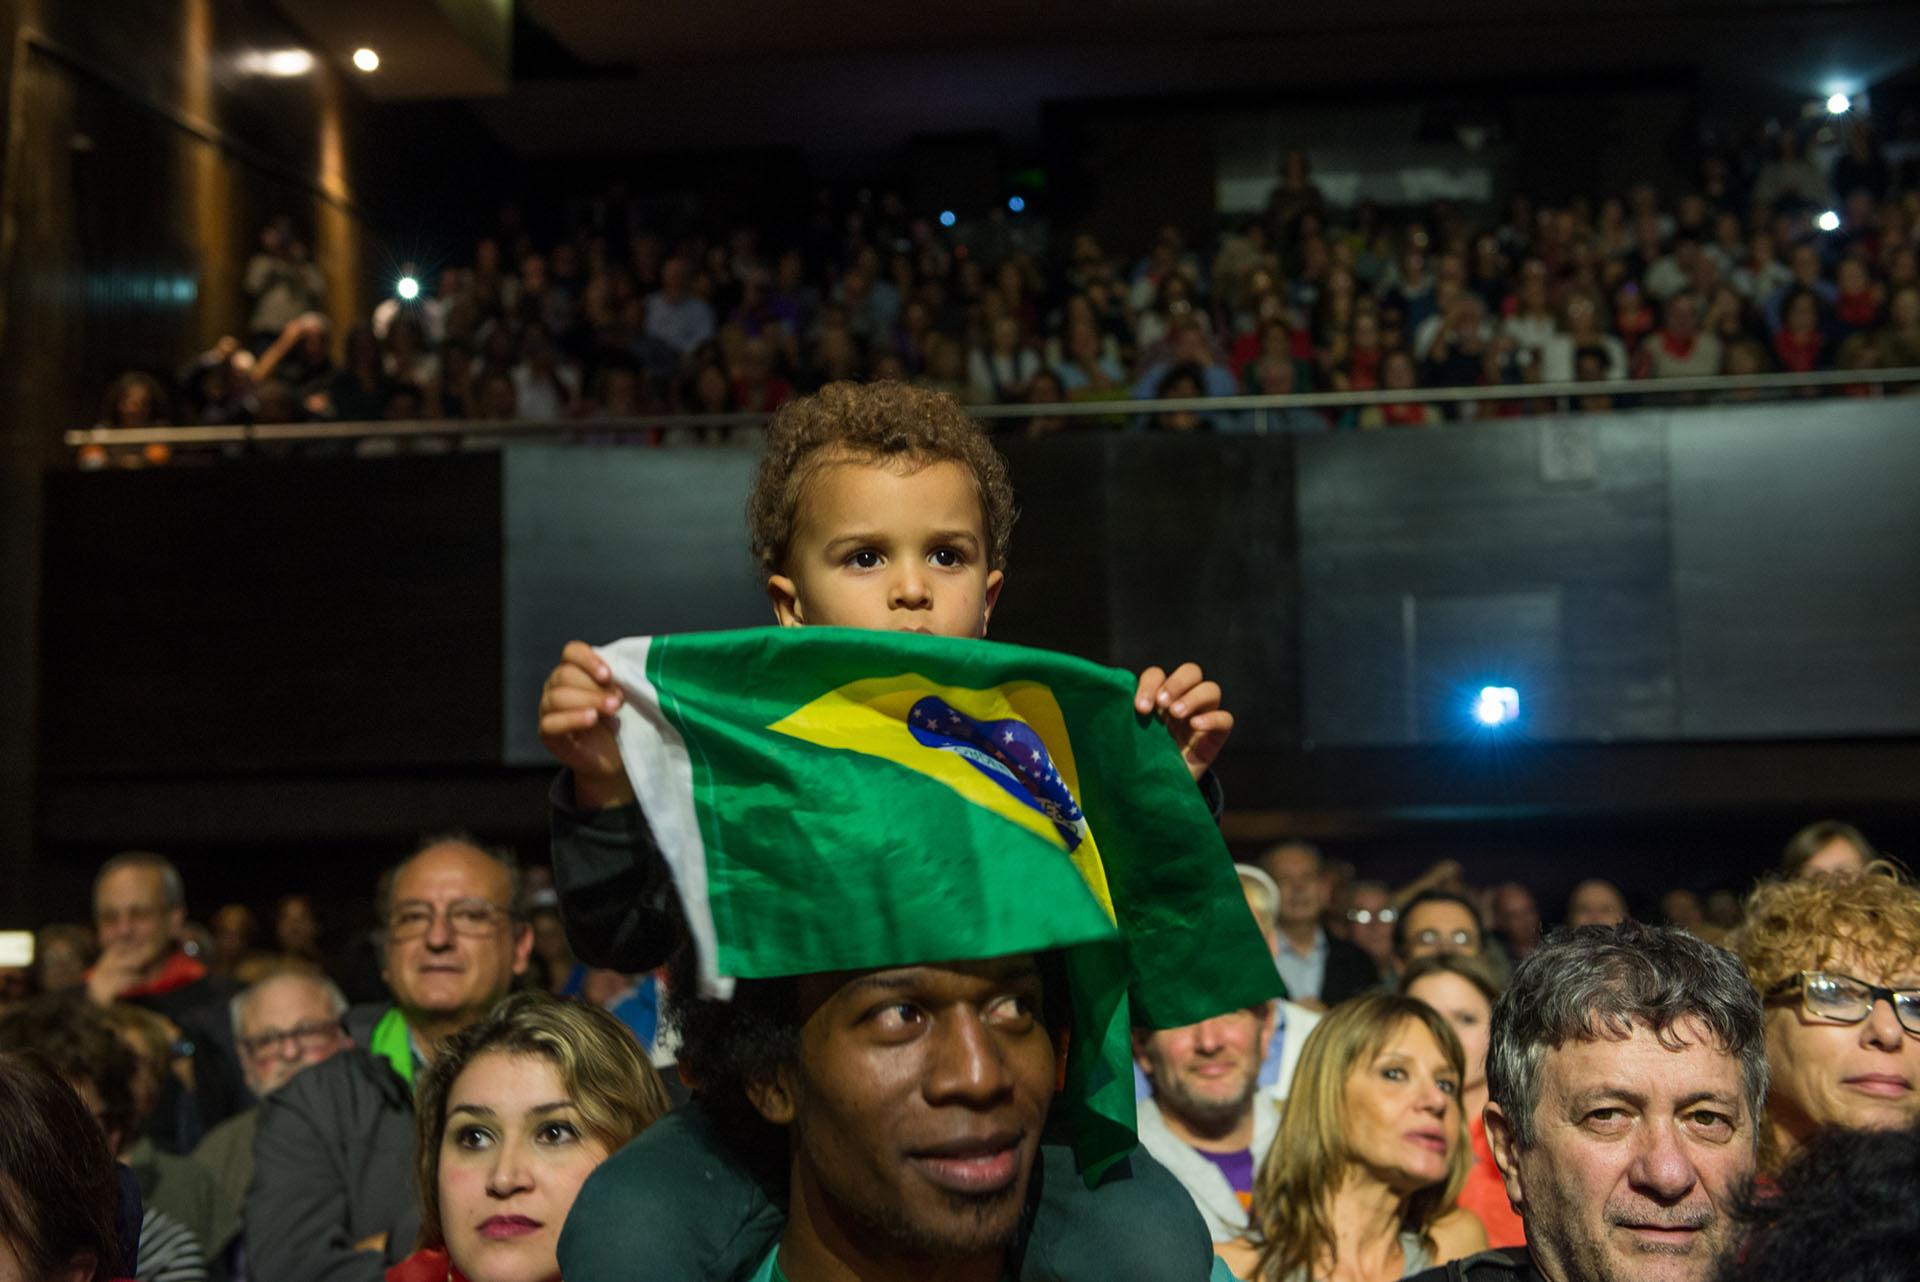 El festival se realizó en la sala Caras y Caretas del auditorio de la Universidad Metropolitana para la Educación y el Trabajo (UMET) y fue protagonizado por la ex presidente de Brasil Dilma Rousseff y el ex primer mandatario de Colombia Ernesto Samper